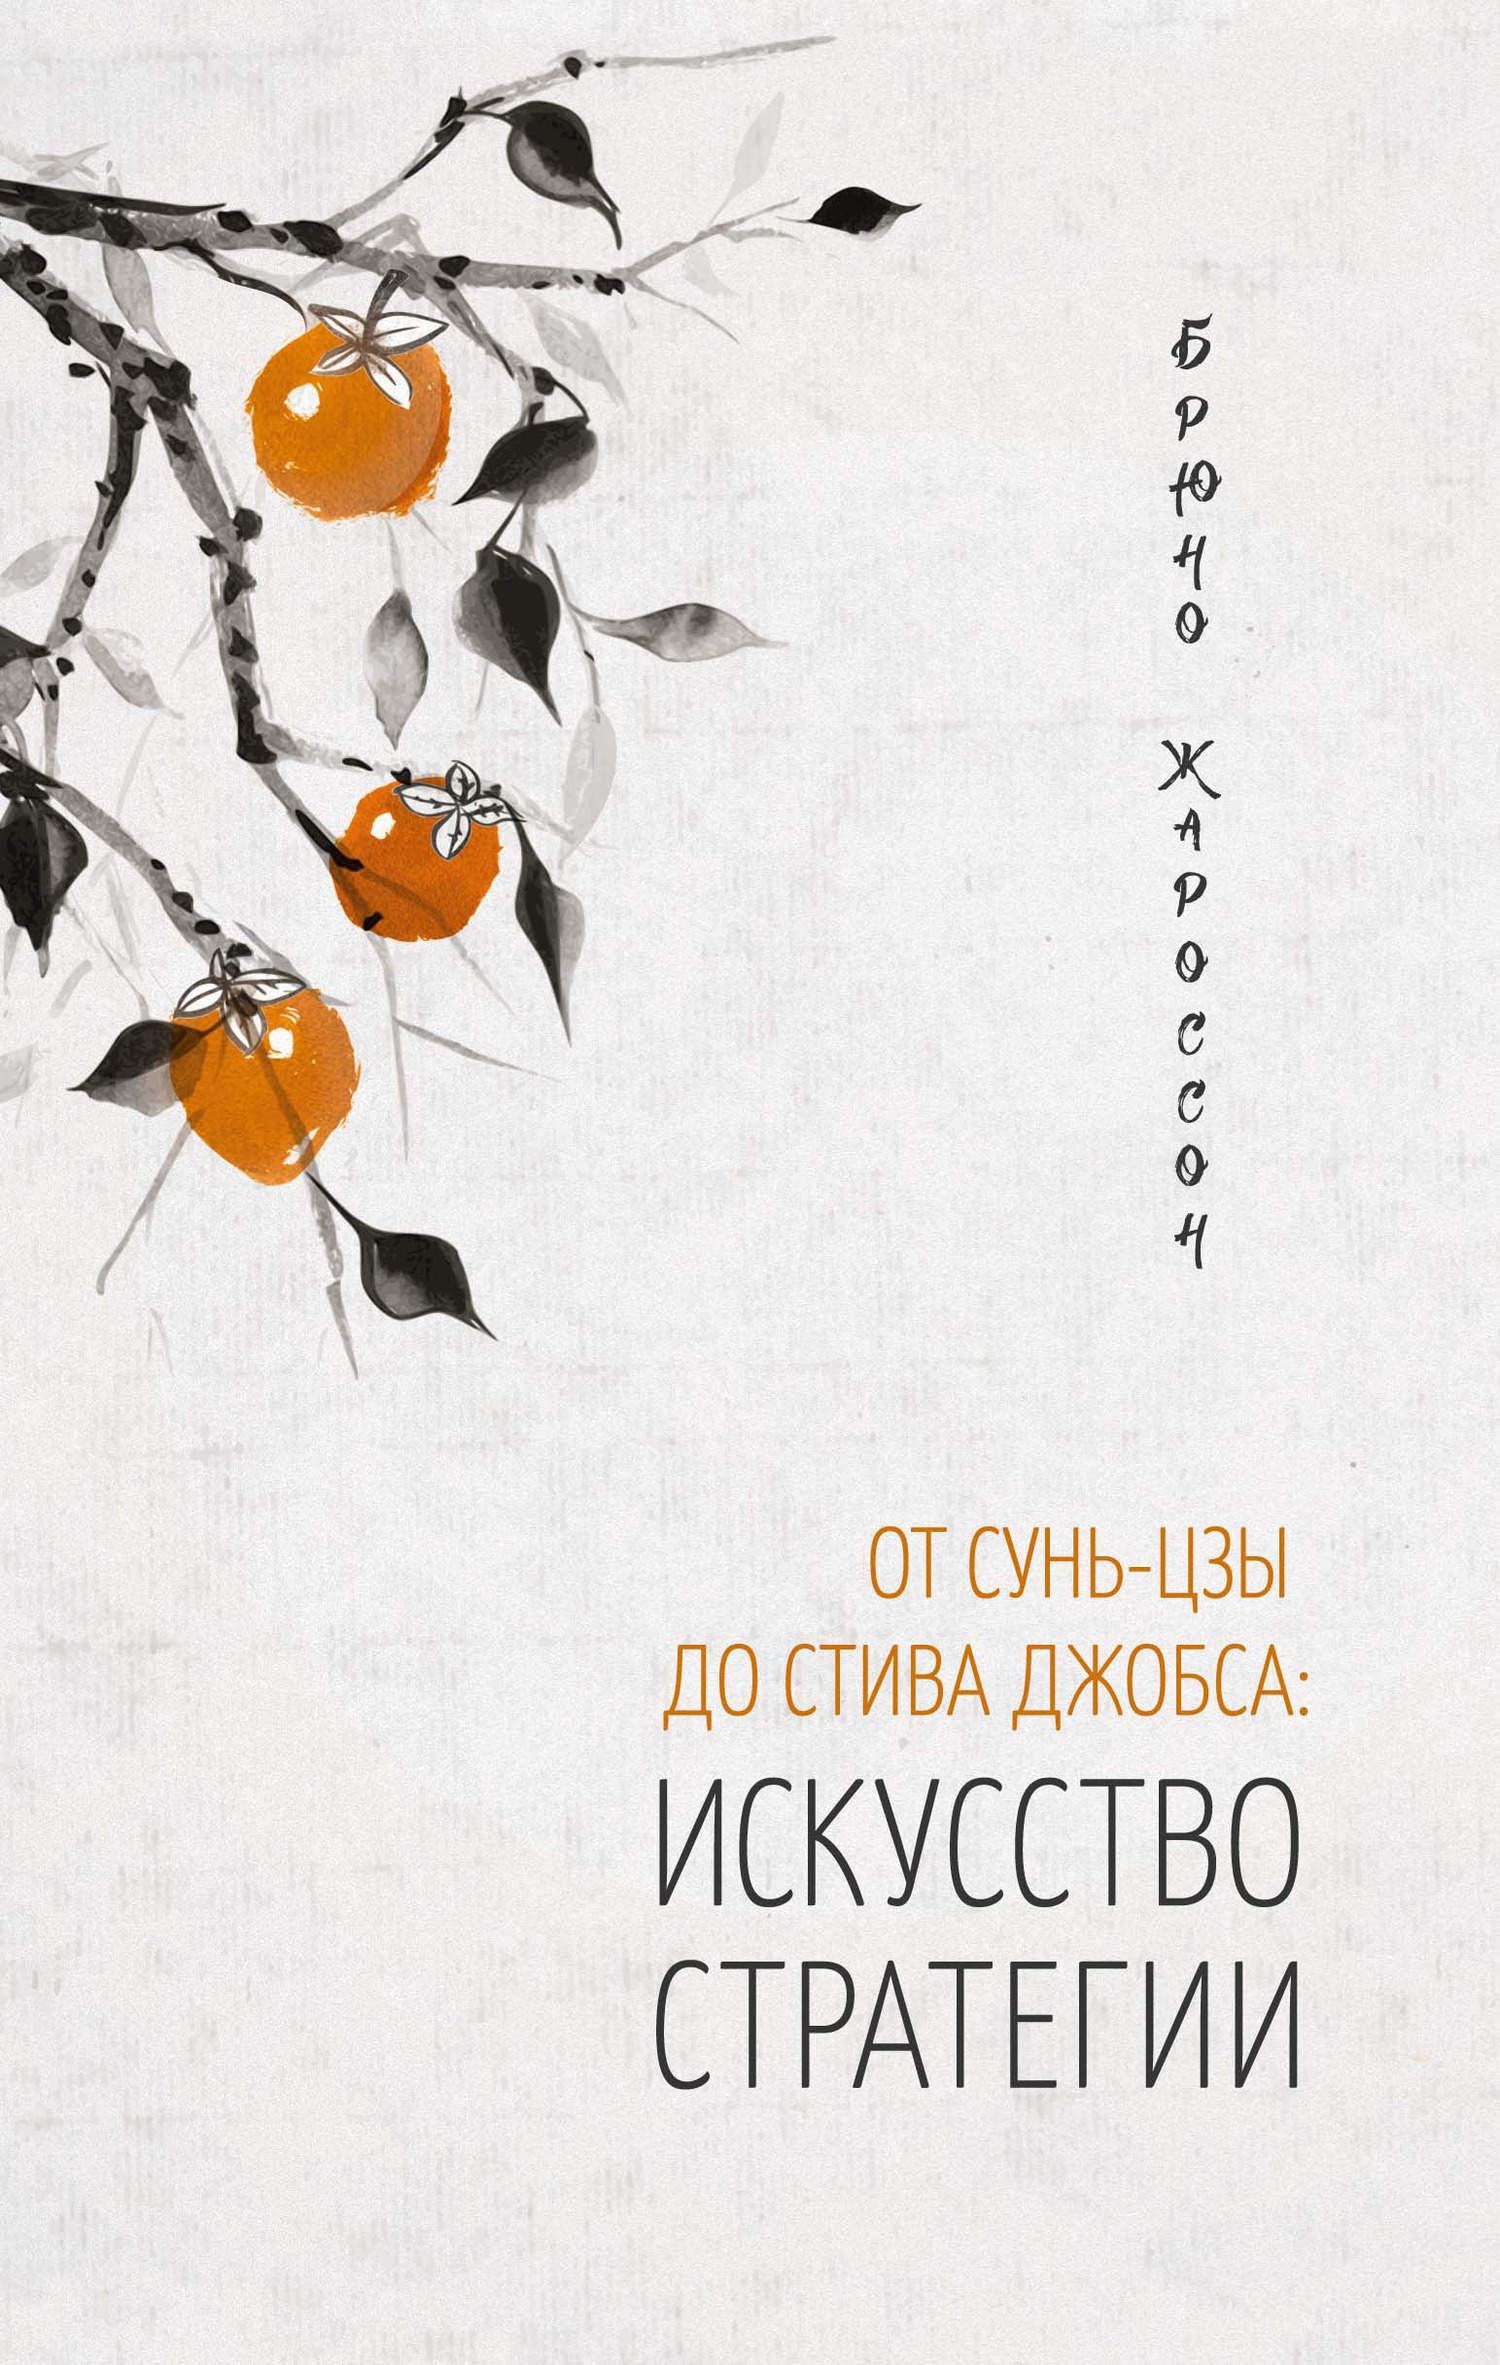 Обложка книги. Автор - Брюно Жароссон